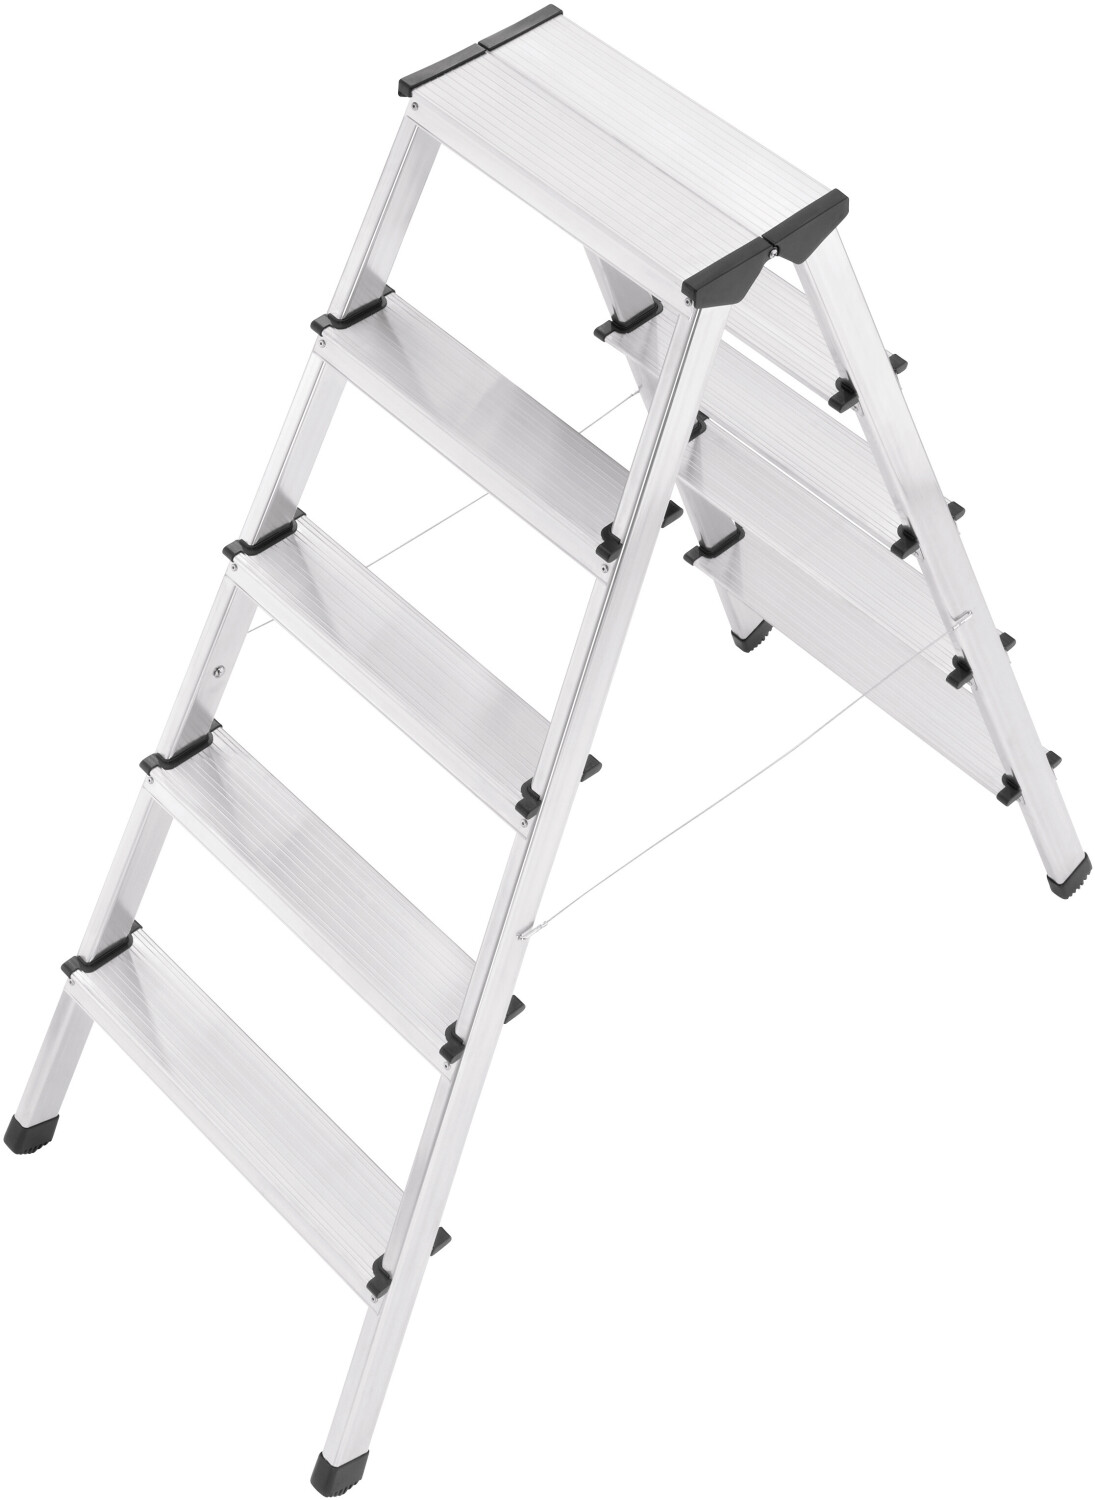 Hailo L90 Doppelstufenleiter 2x5 Stufen